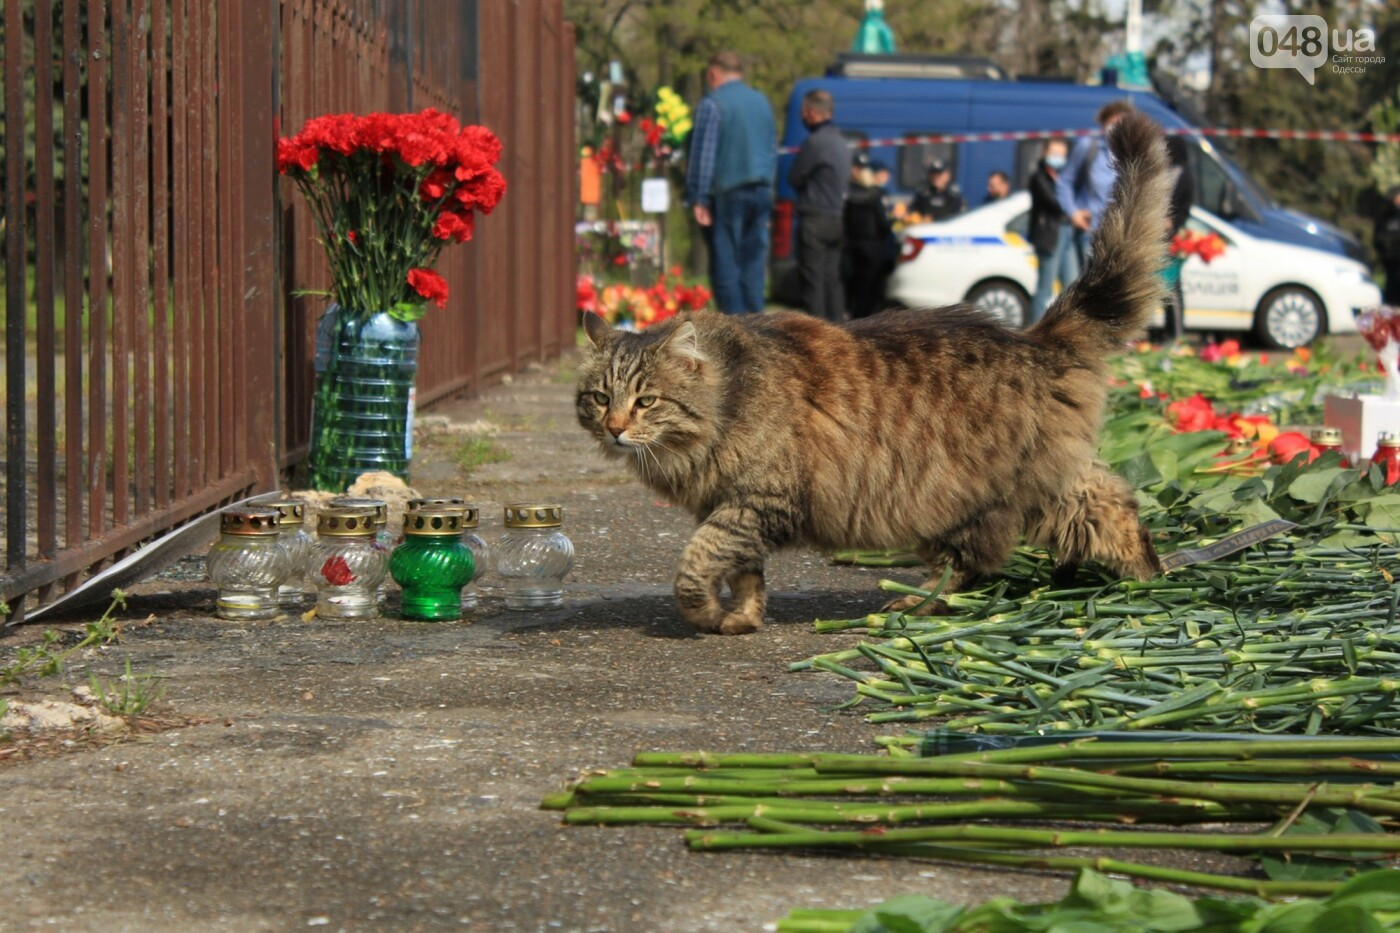 В Одессе к Дому профсоюзов несут цветы под присмотром полиции и медиков, - ФОТО, ВИДЕО , фото-18